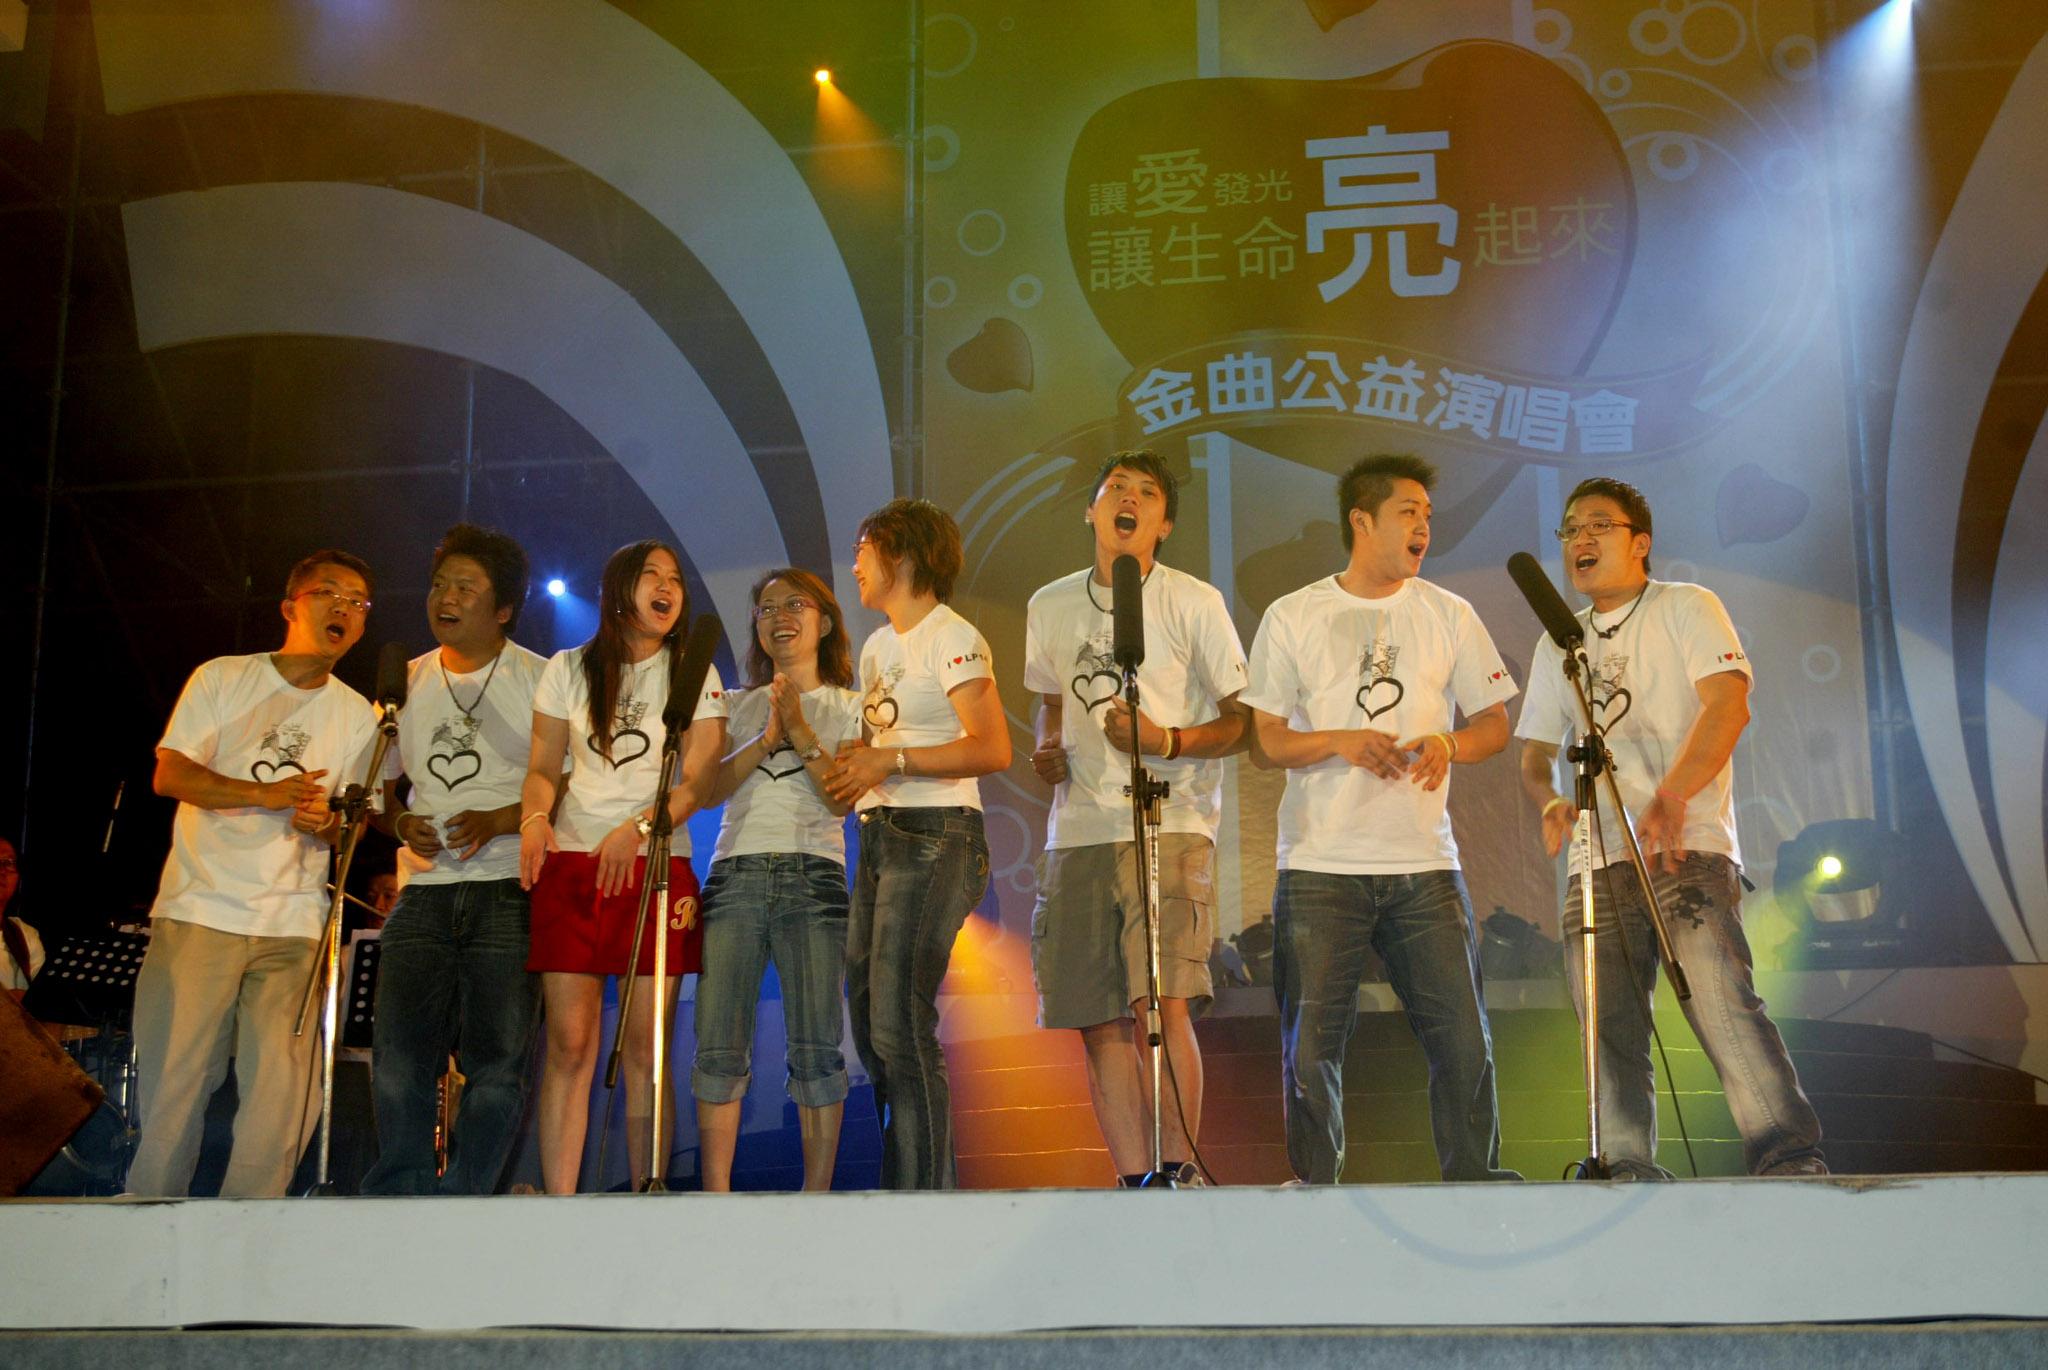 ▲永達陳誌謙經理領導志工們以自創曲-「你是我永遠的朋友」唱出愛與關懷帶動現場氣氛。